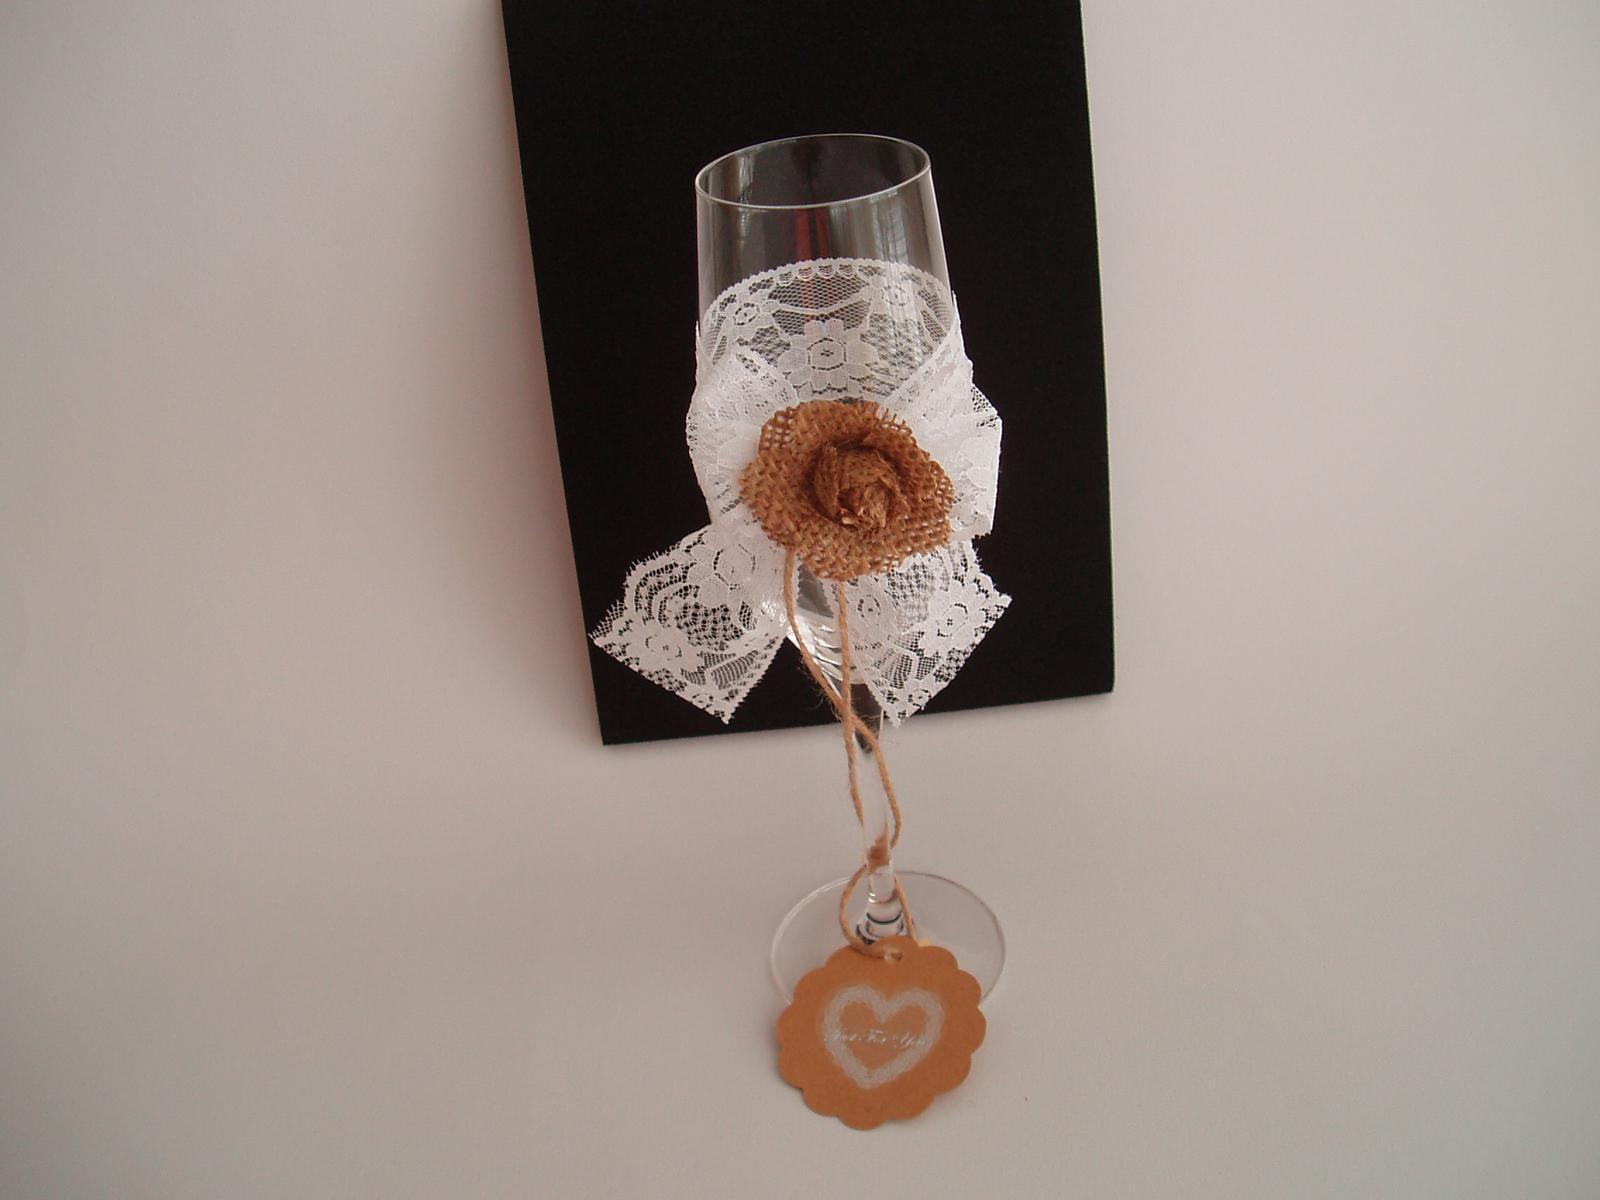 svatební skleničky - Obrázek č. 3